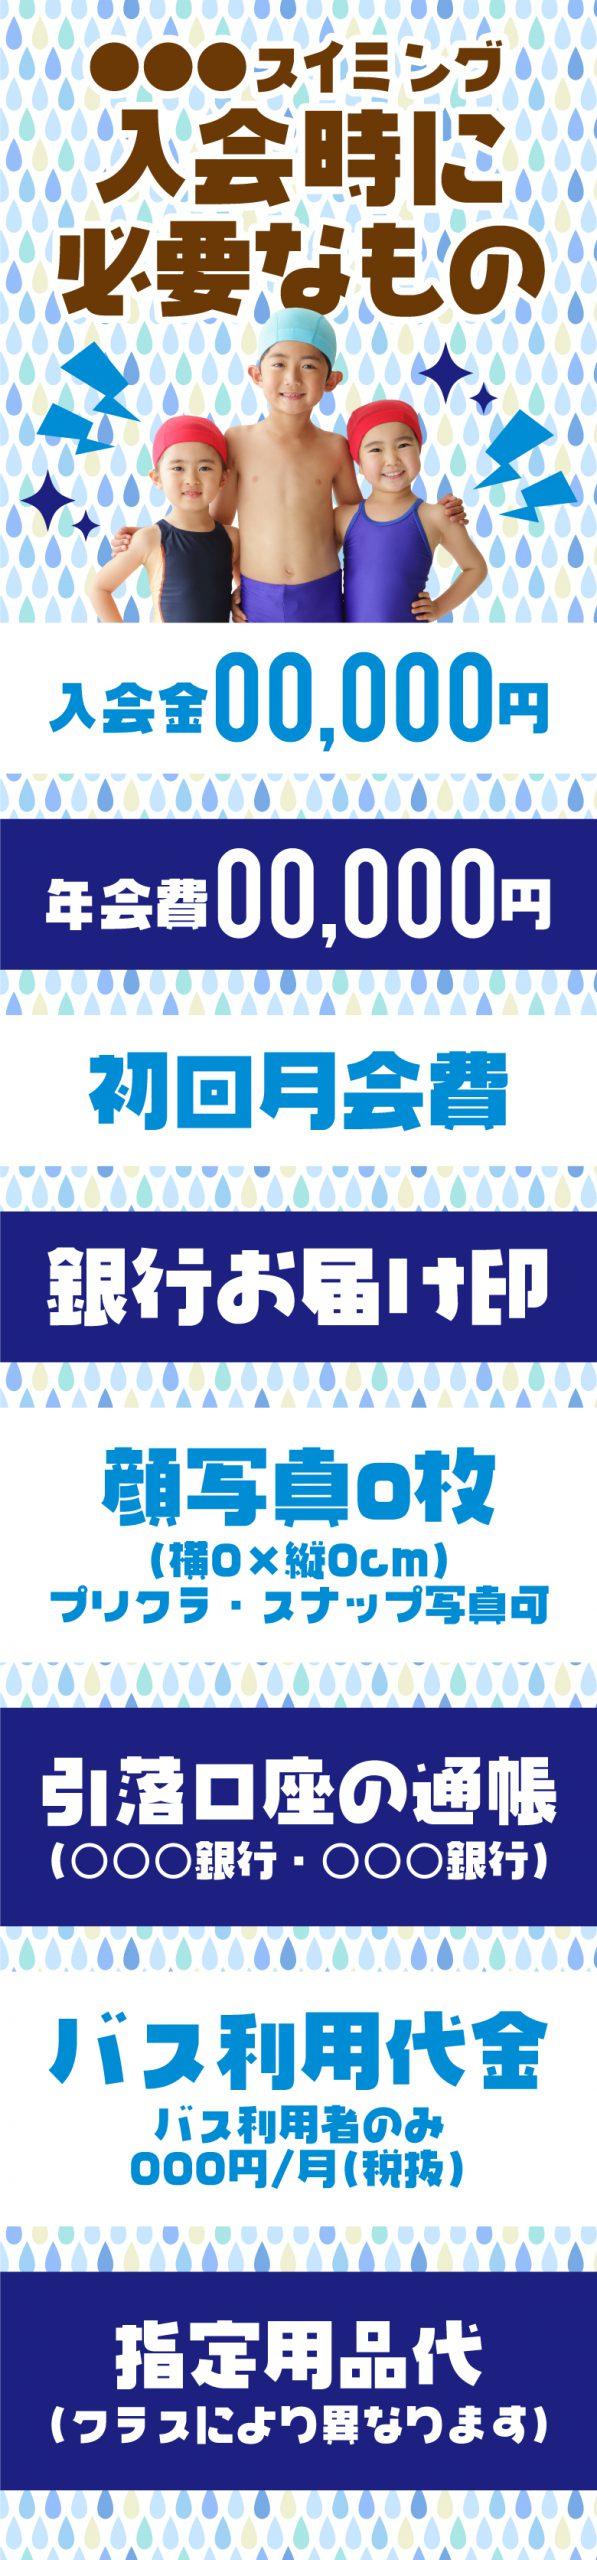 cv-case-ch-20h_d-09-2